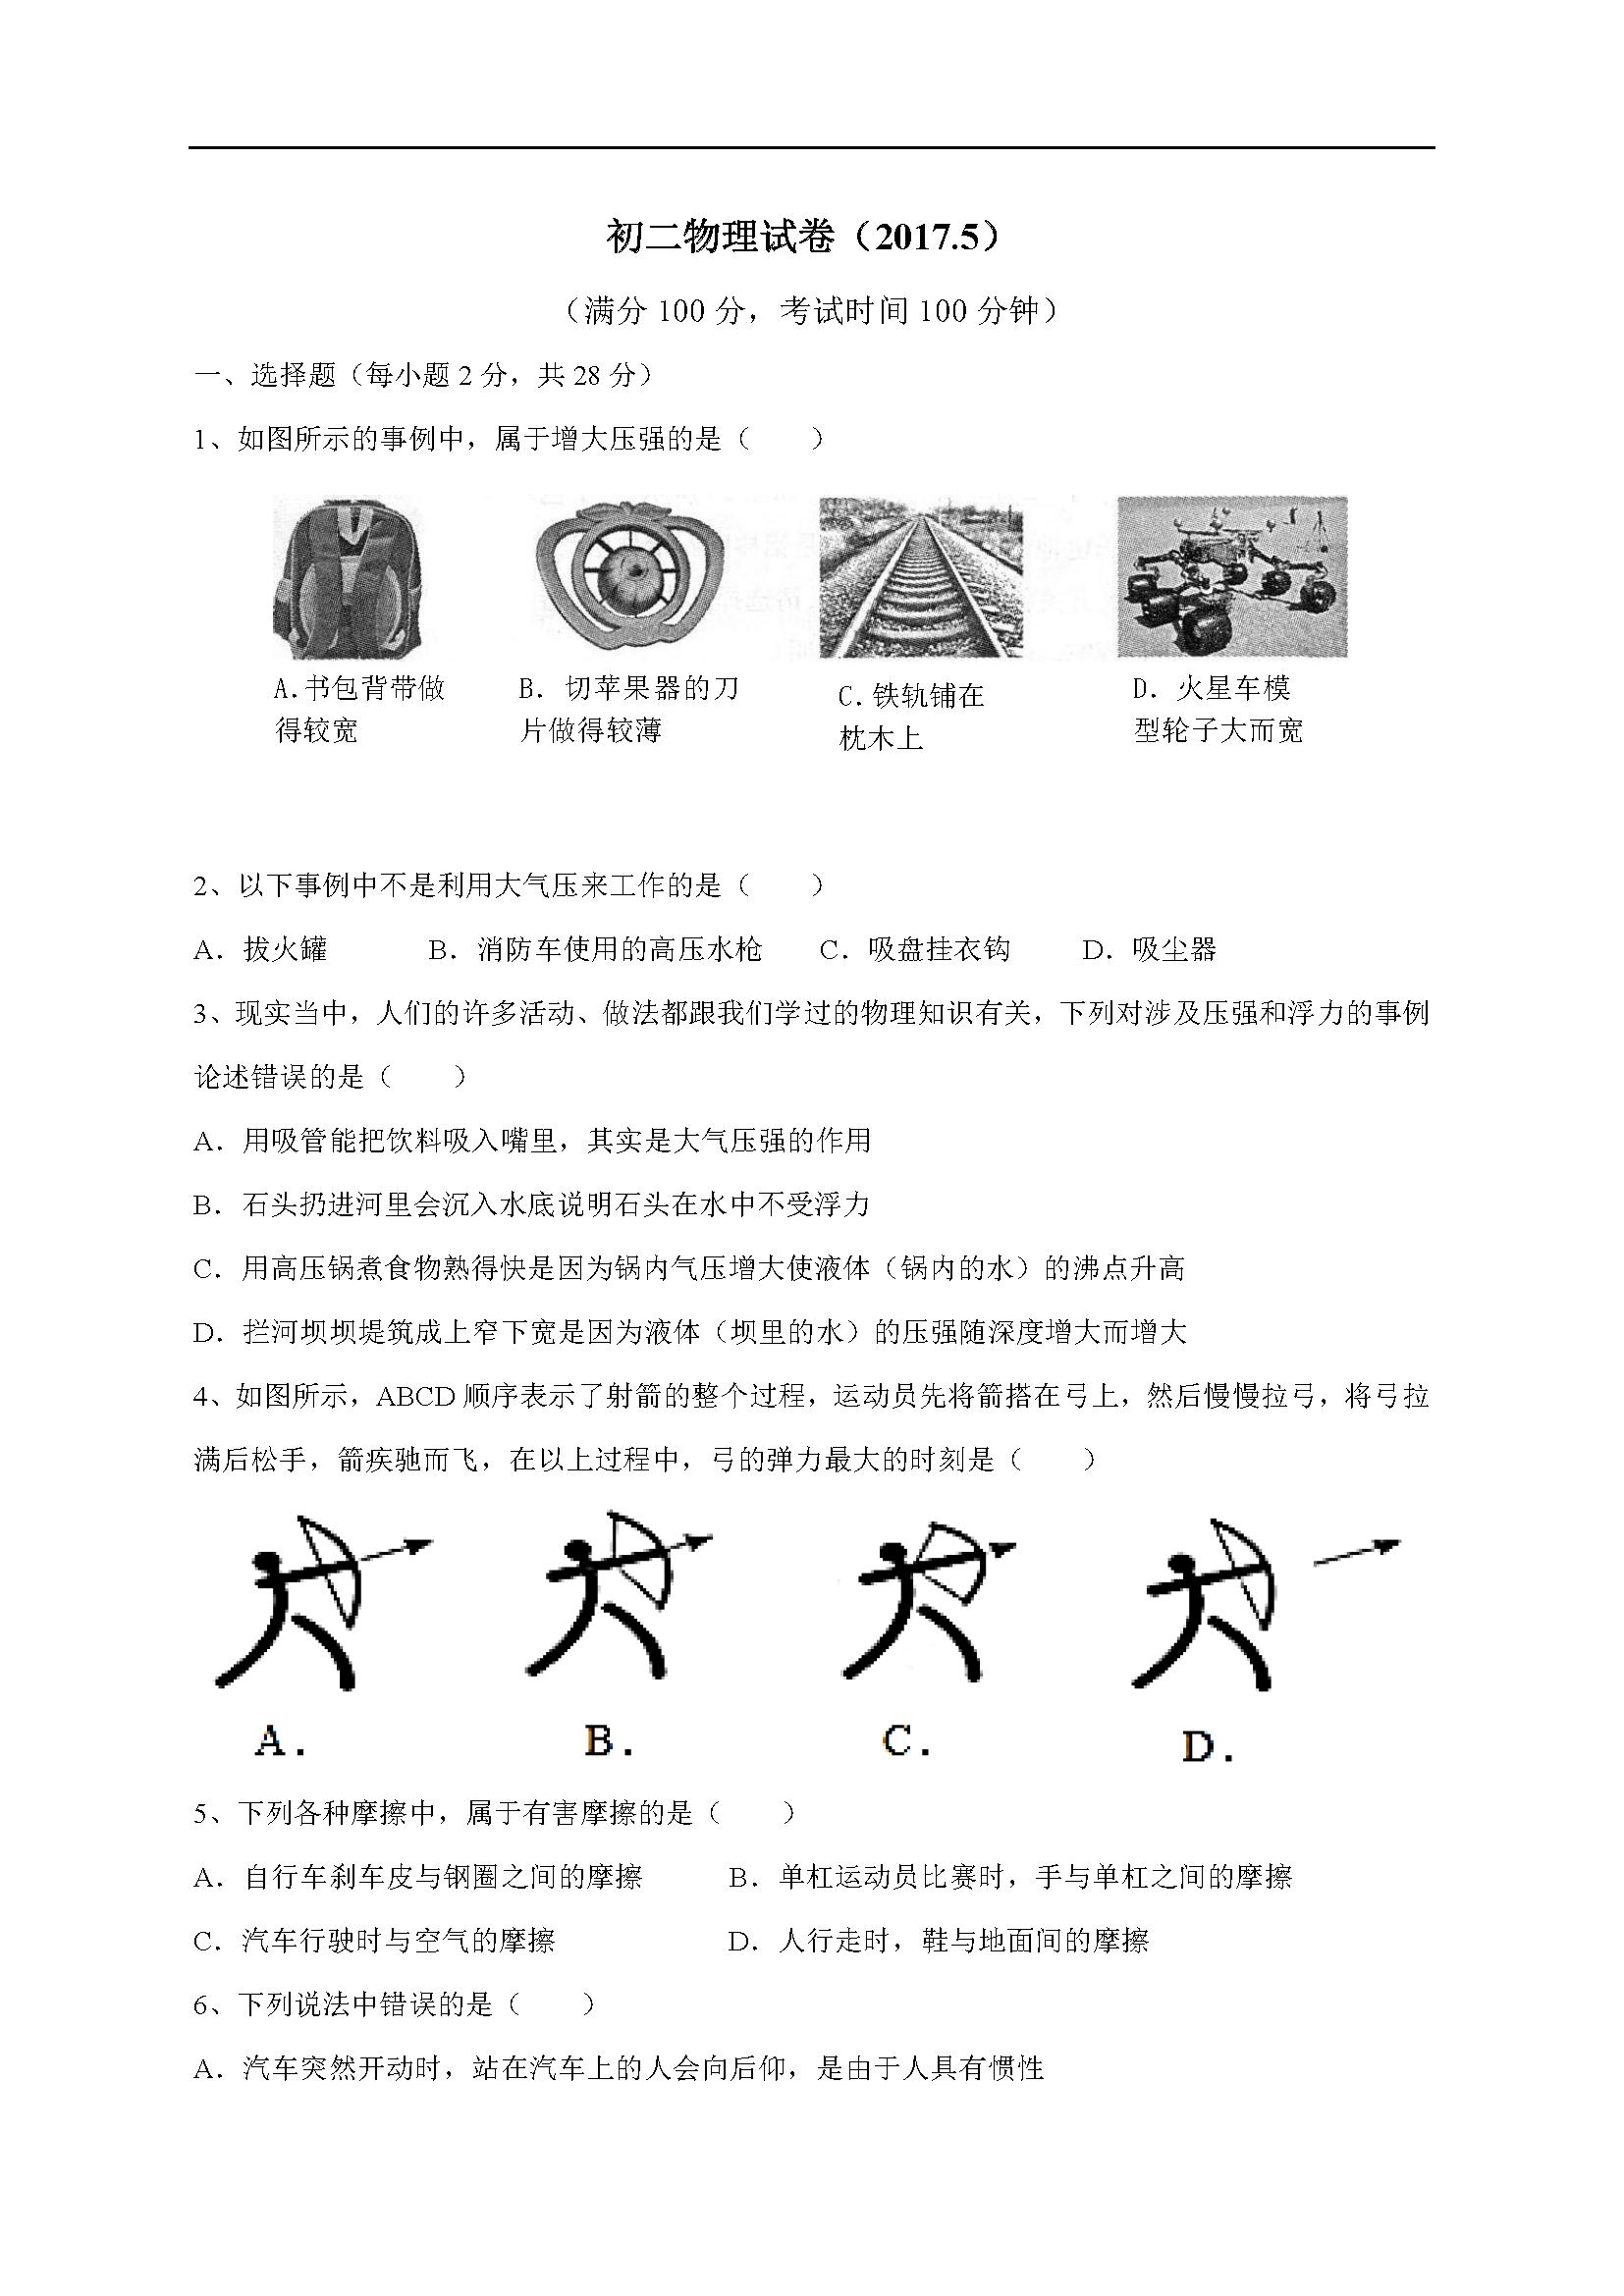 2017江苏江阴暨阳中学八年级下学期第二次月考物理试题(图片版)